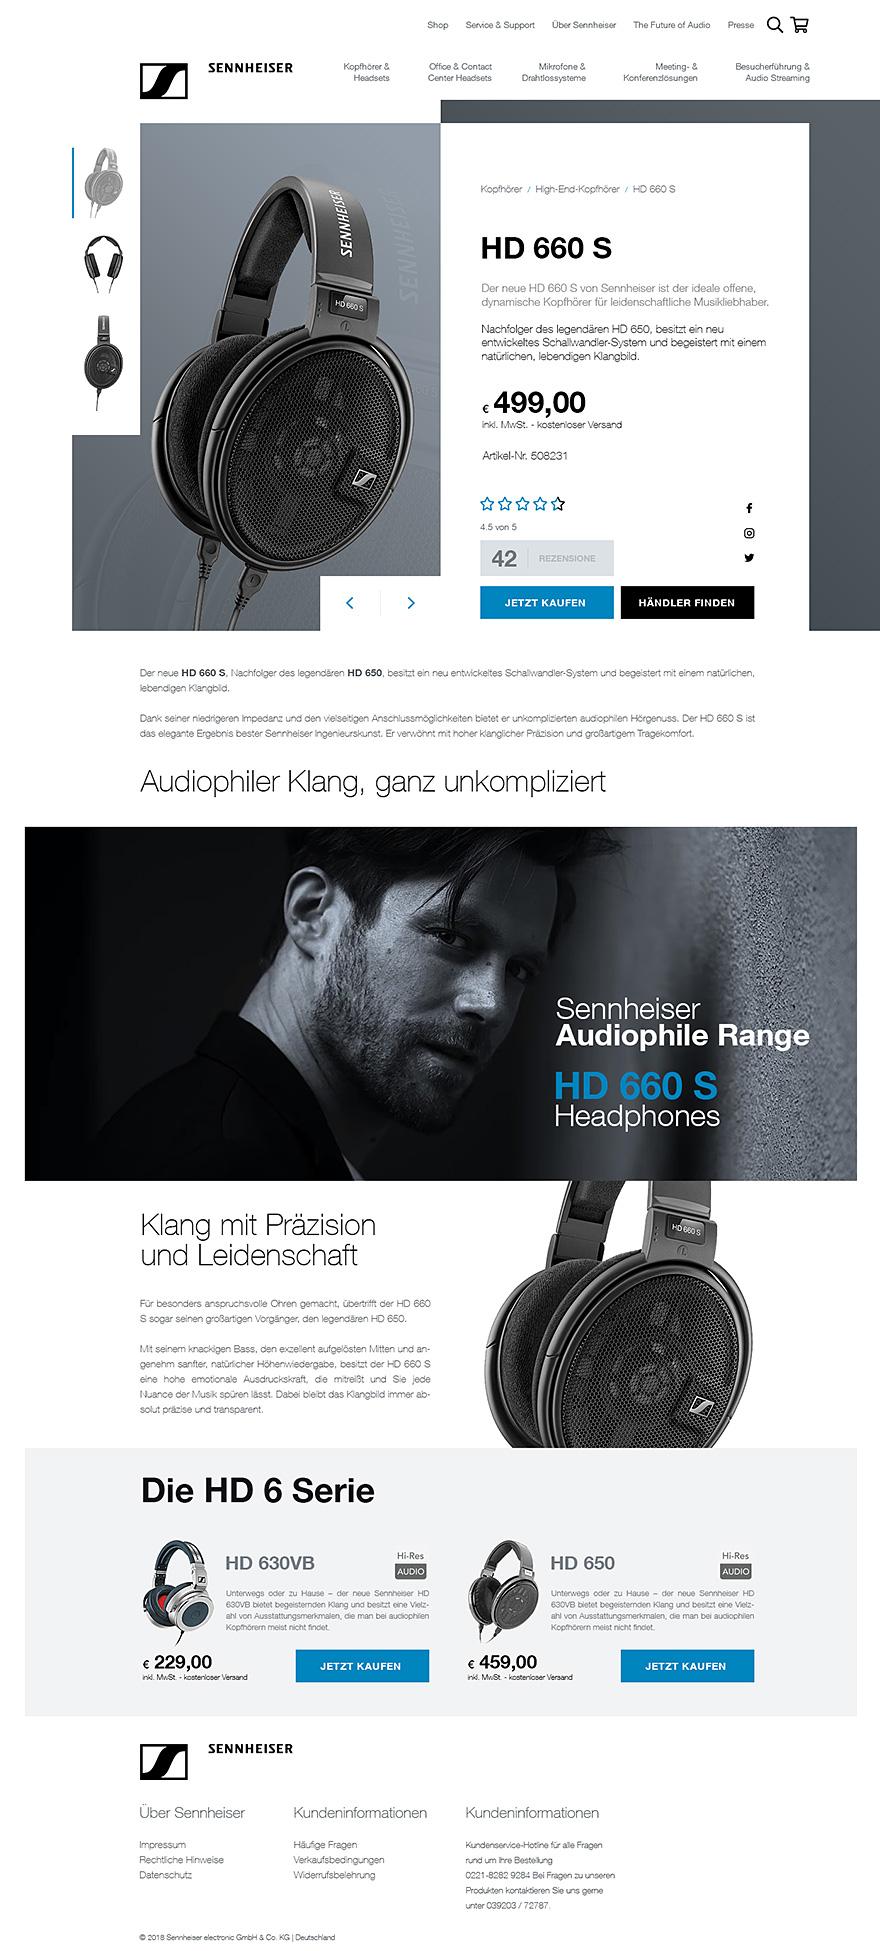 Sennheiser - projekt graficzny